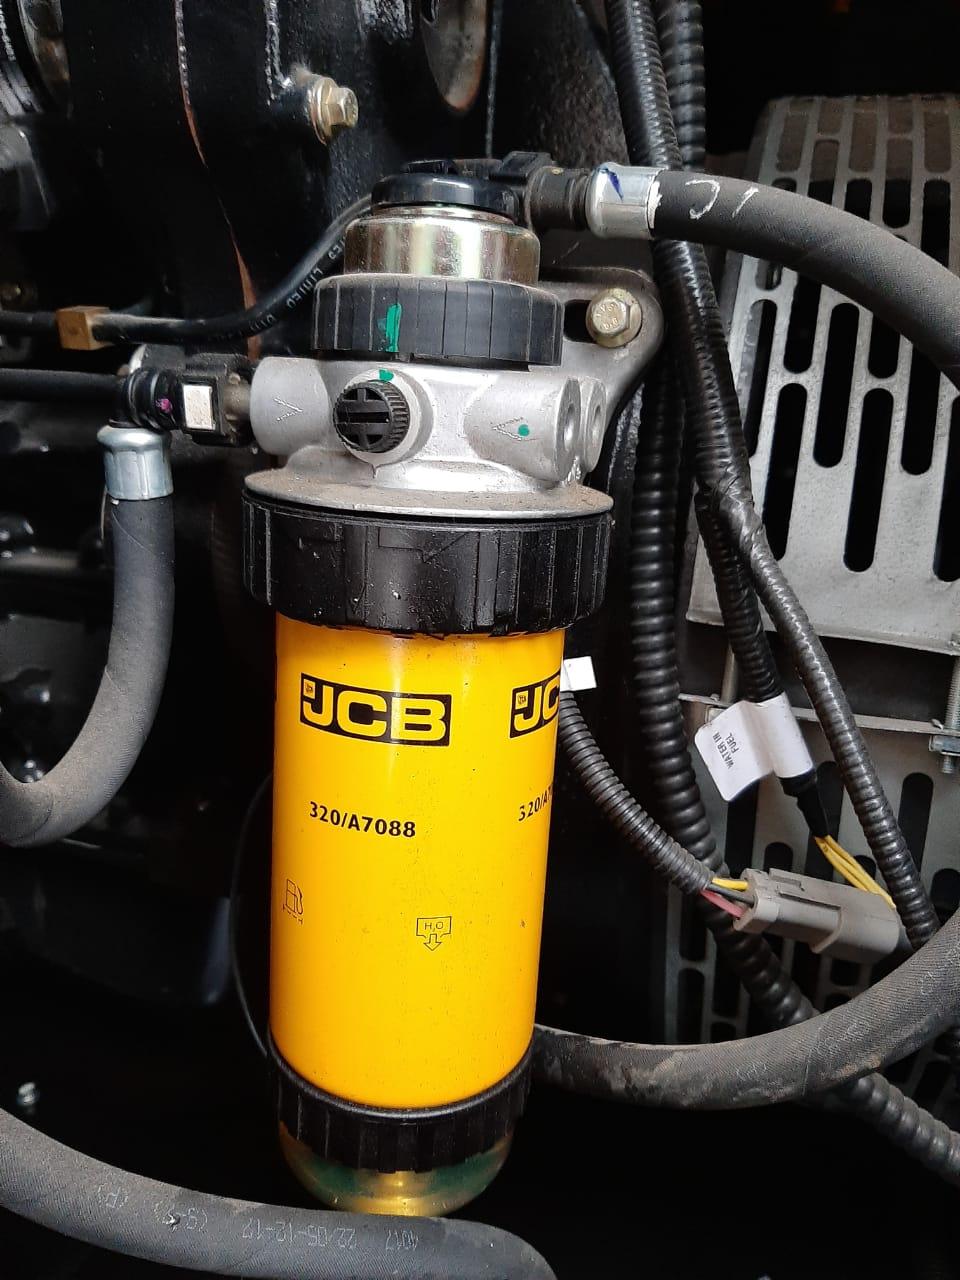 Фильтр топливный Jcb 320/a7088